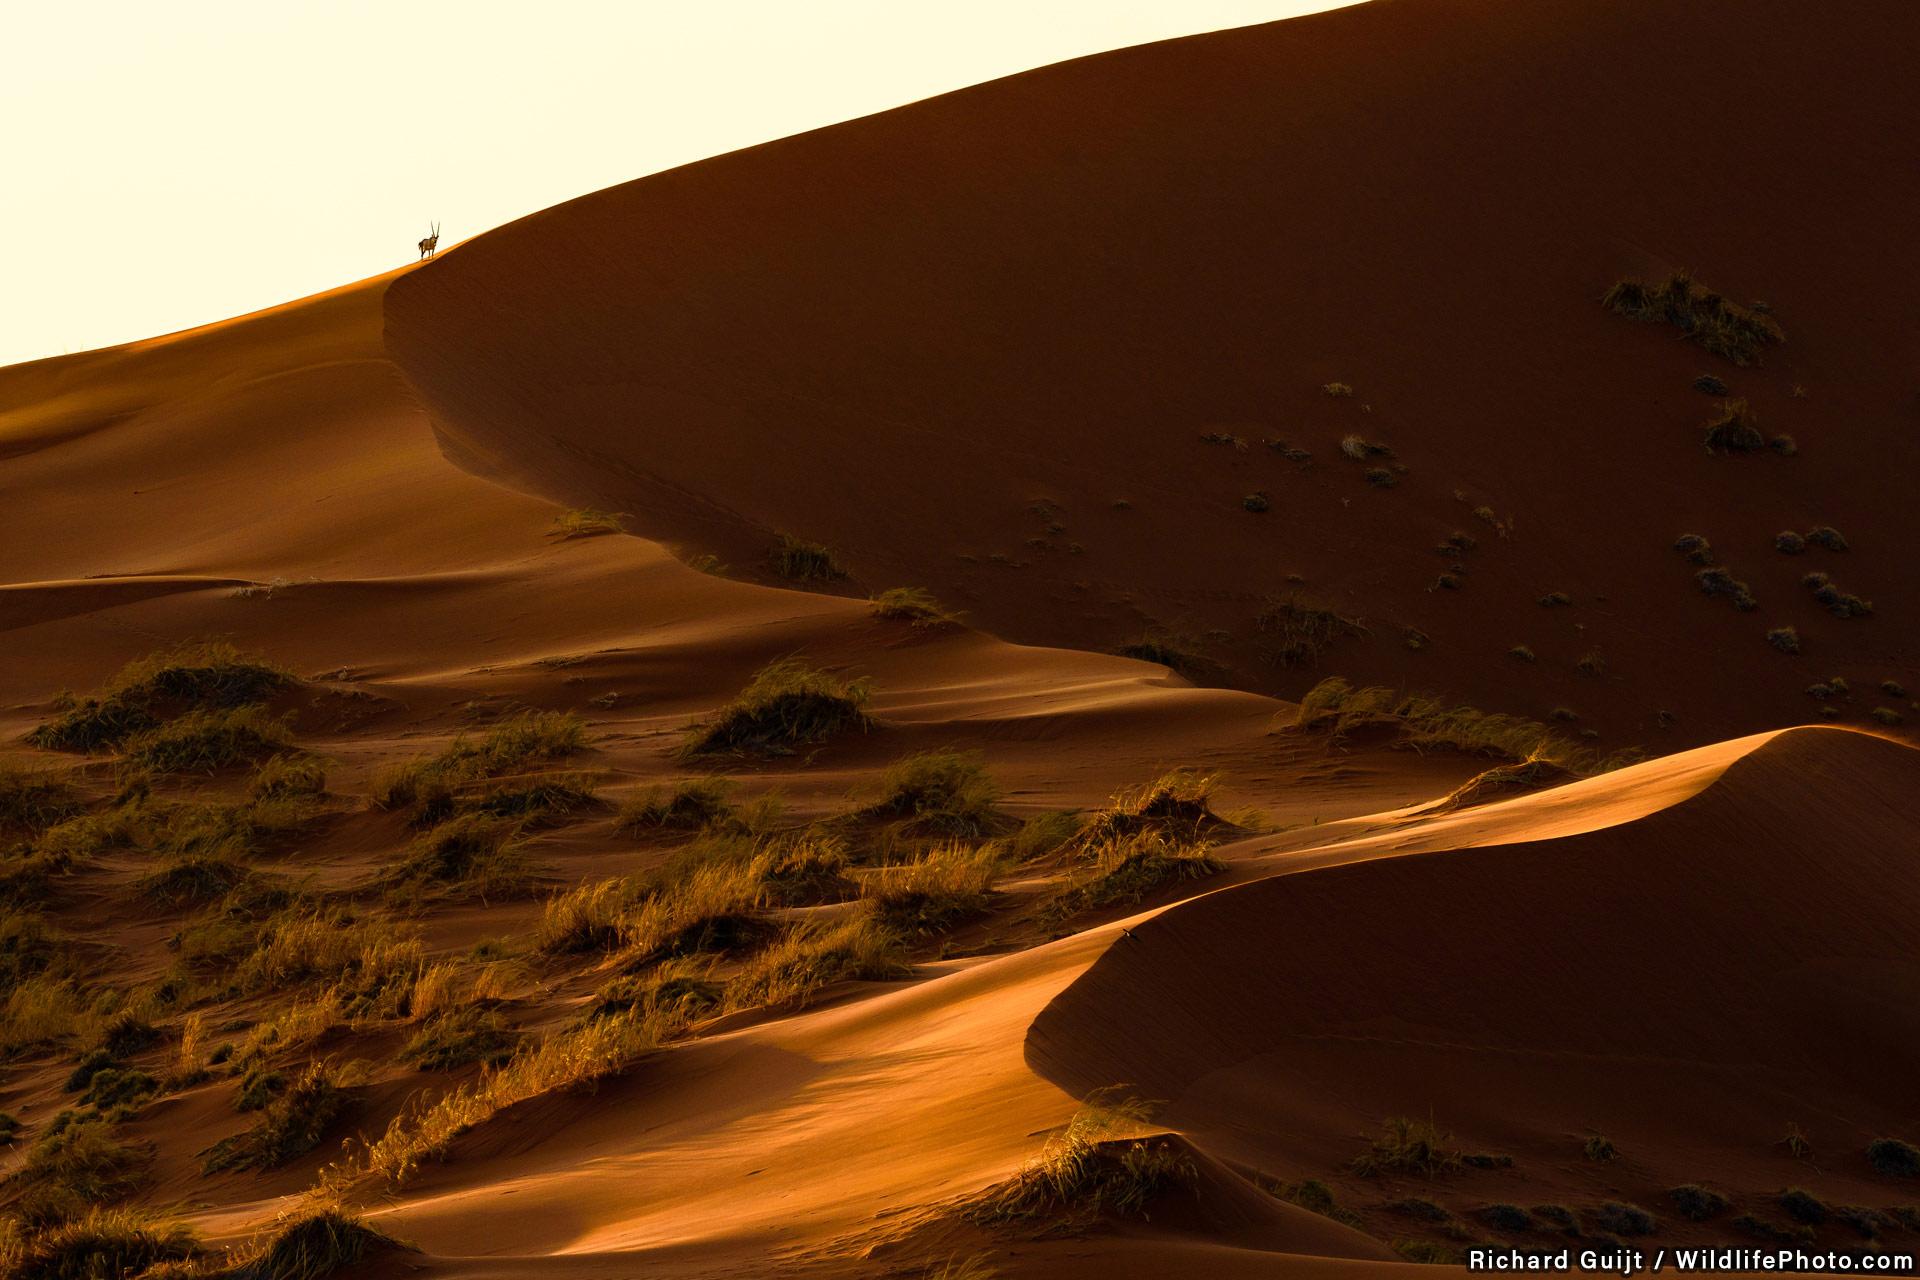 Жизнь в пустыне, © Ричард Гийт, Высокая оценка, Фотоконкурс «Места обитания и ландшафты»